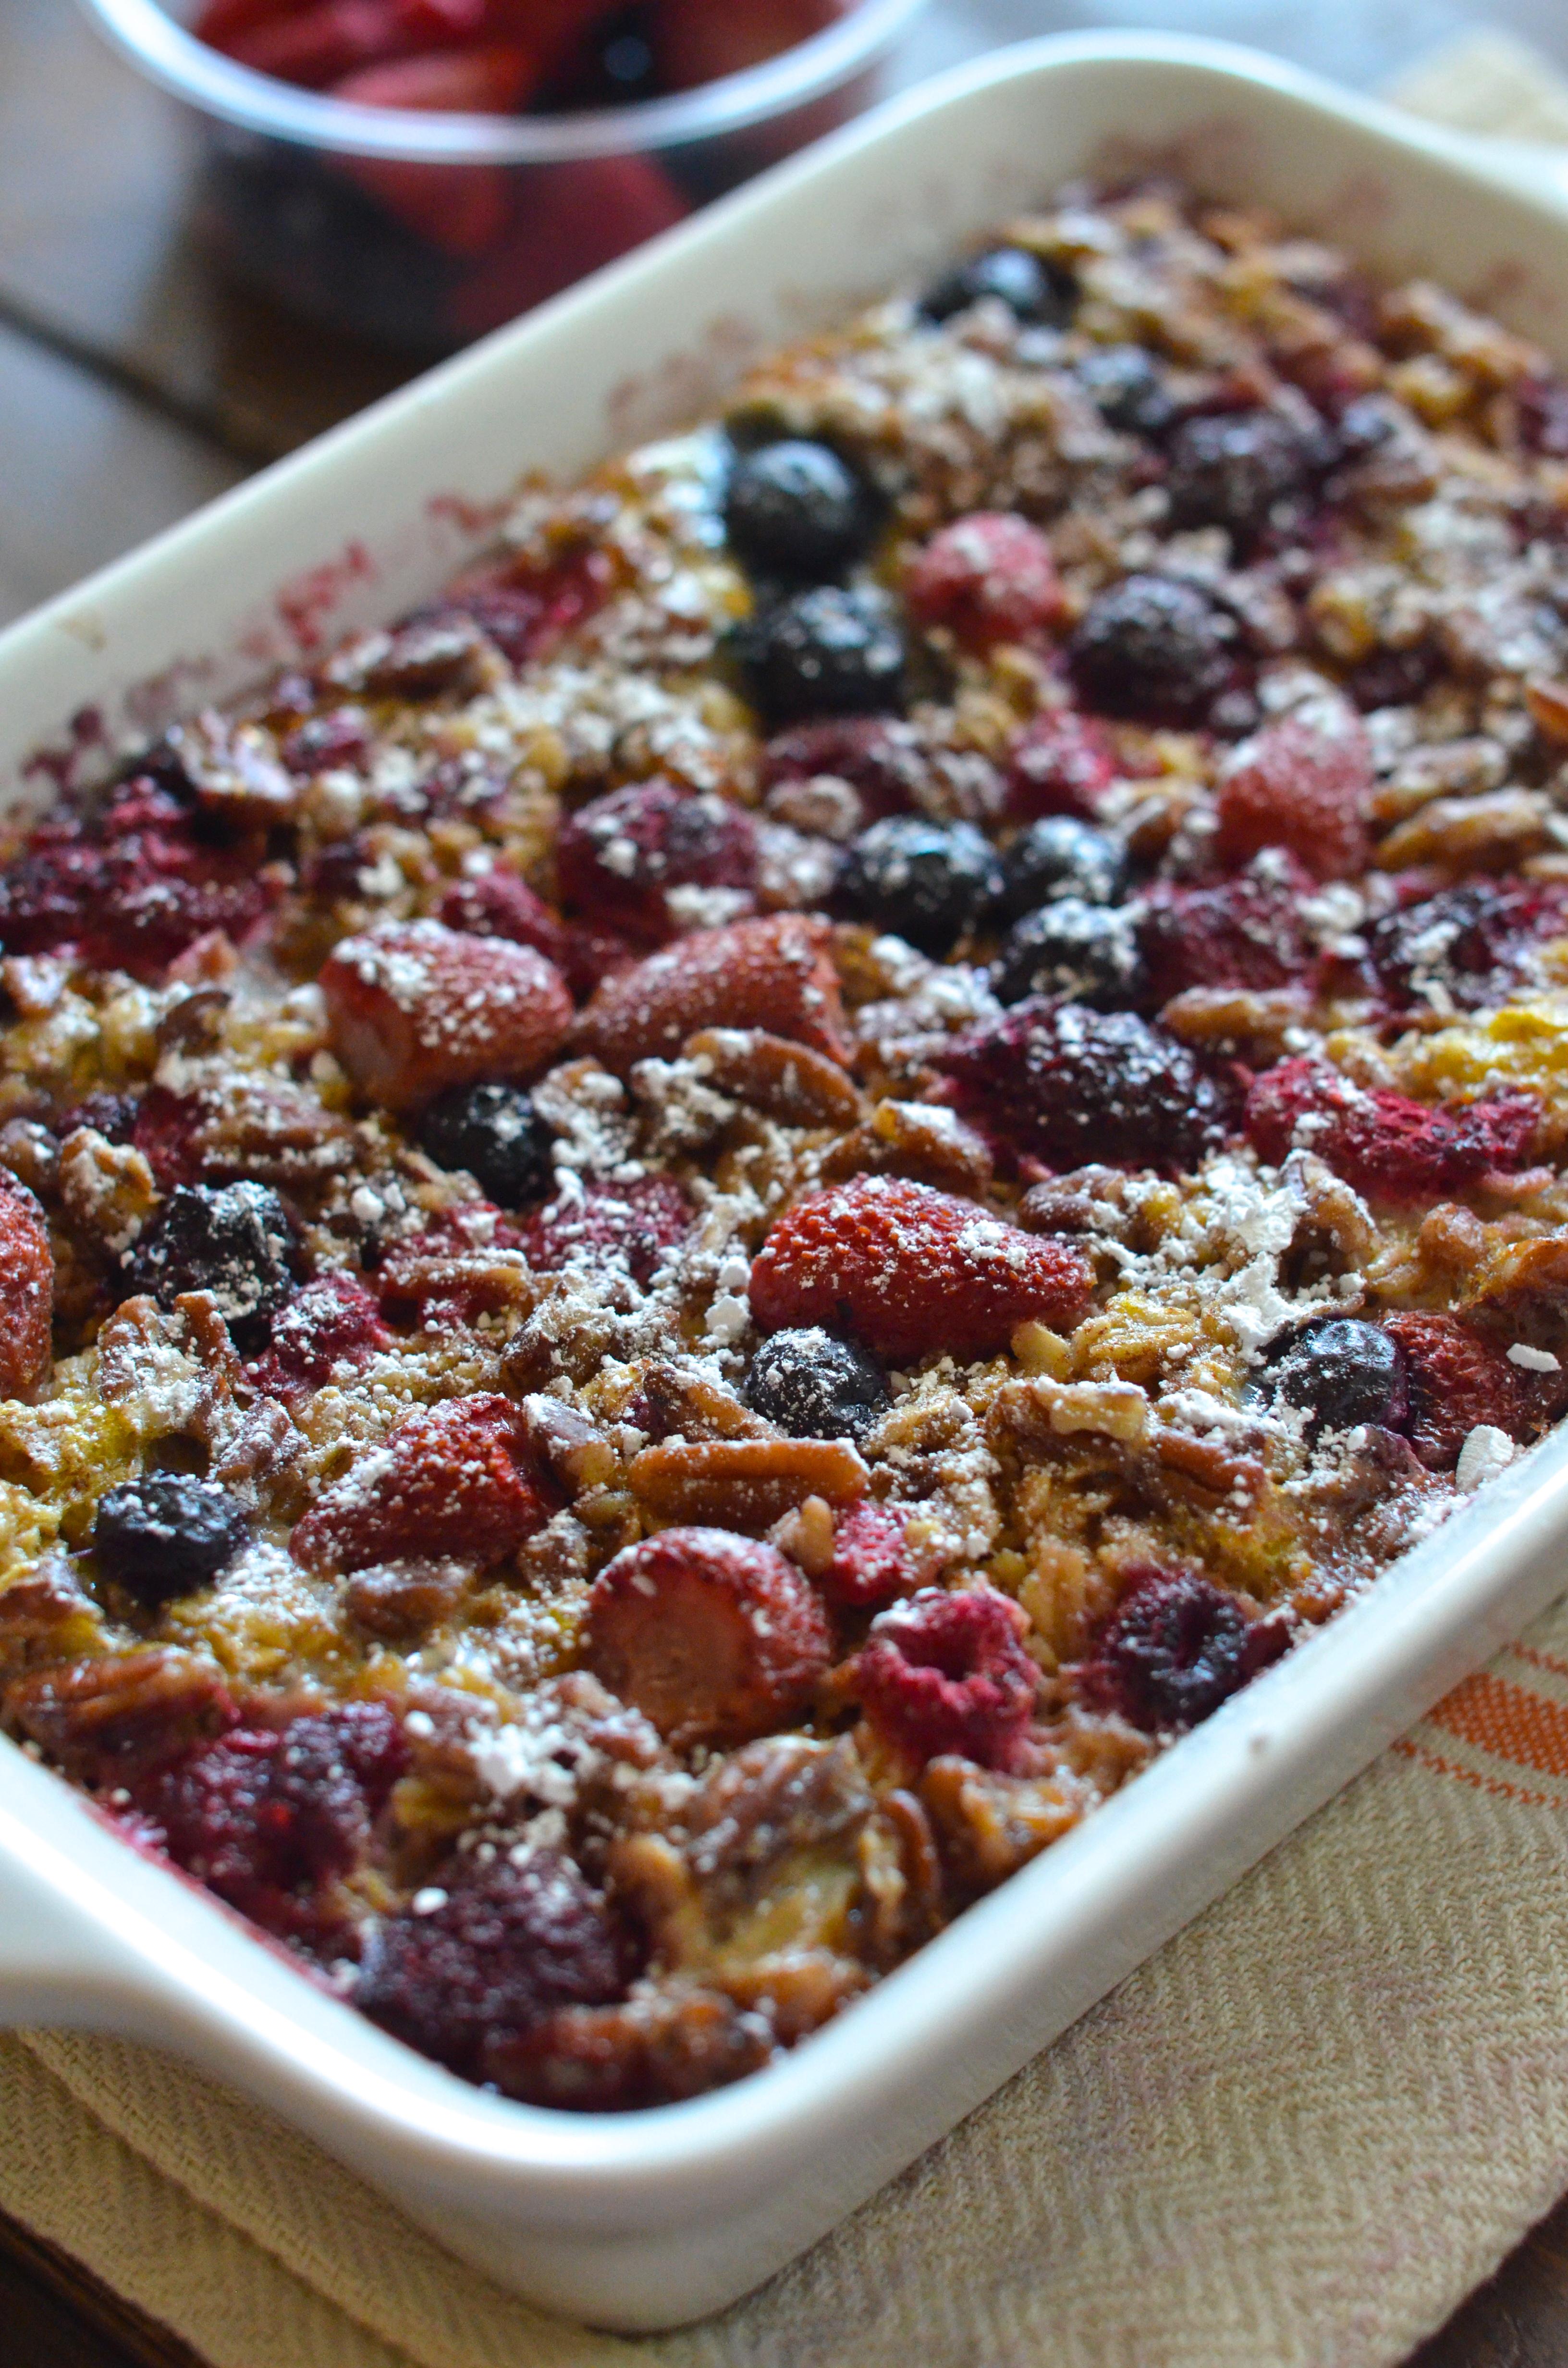 ... beloved oats, but isn't a fan of lava? Enter: Baked Berry Oatmeal